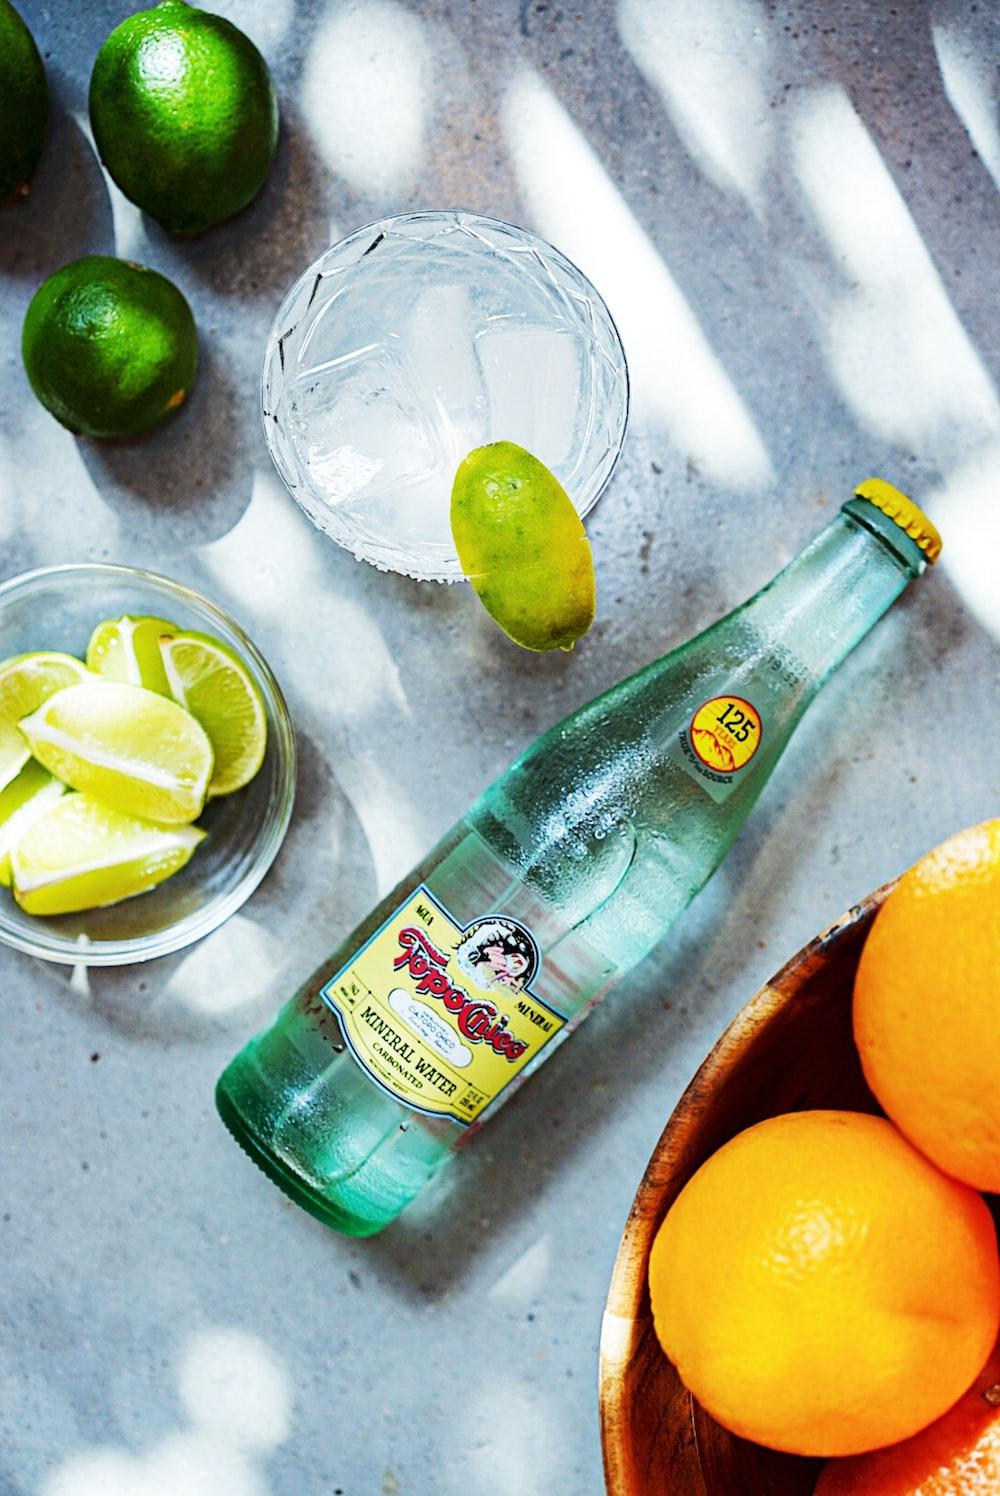 green glass bottle beside orange citrus fruit